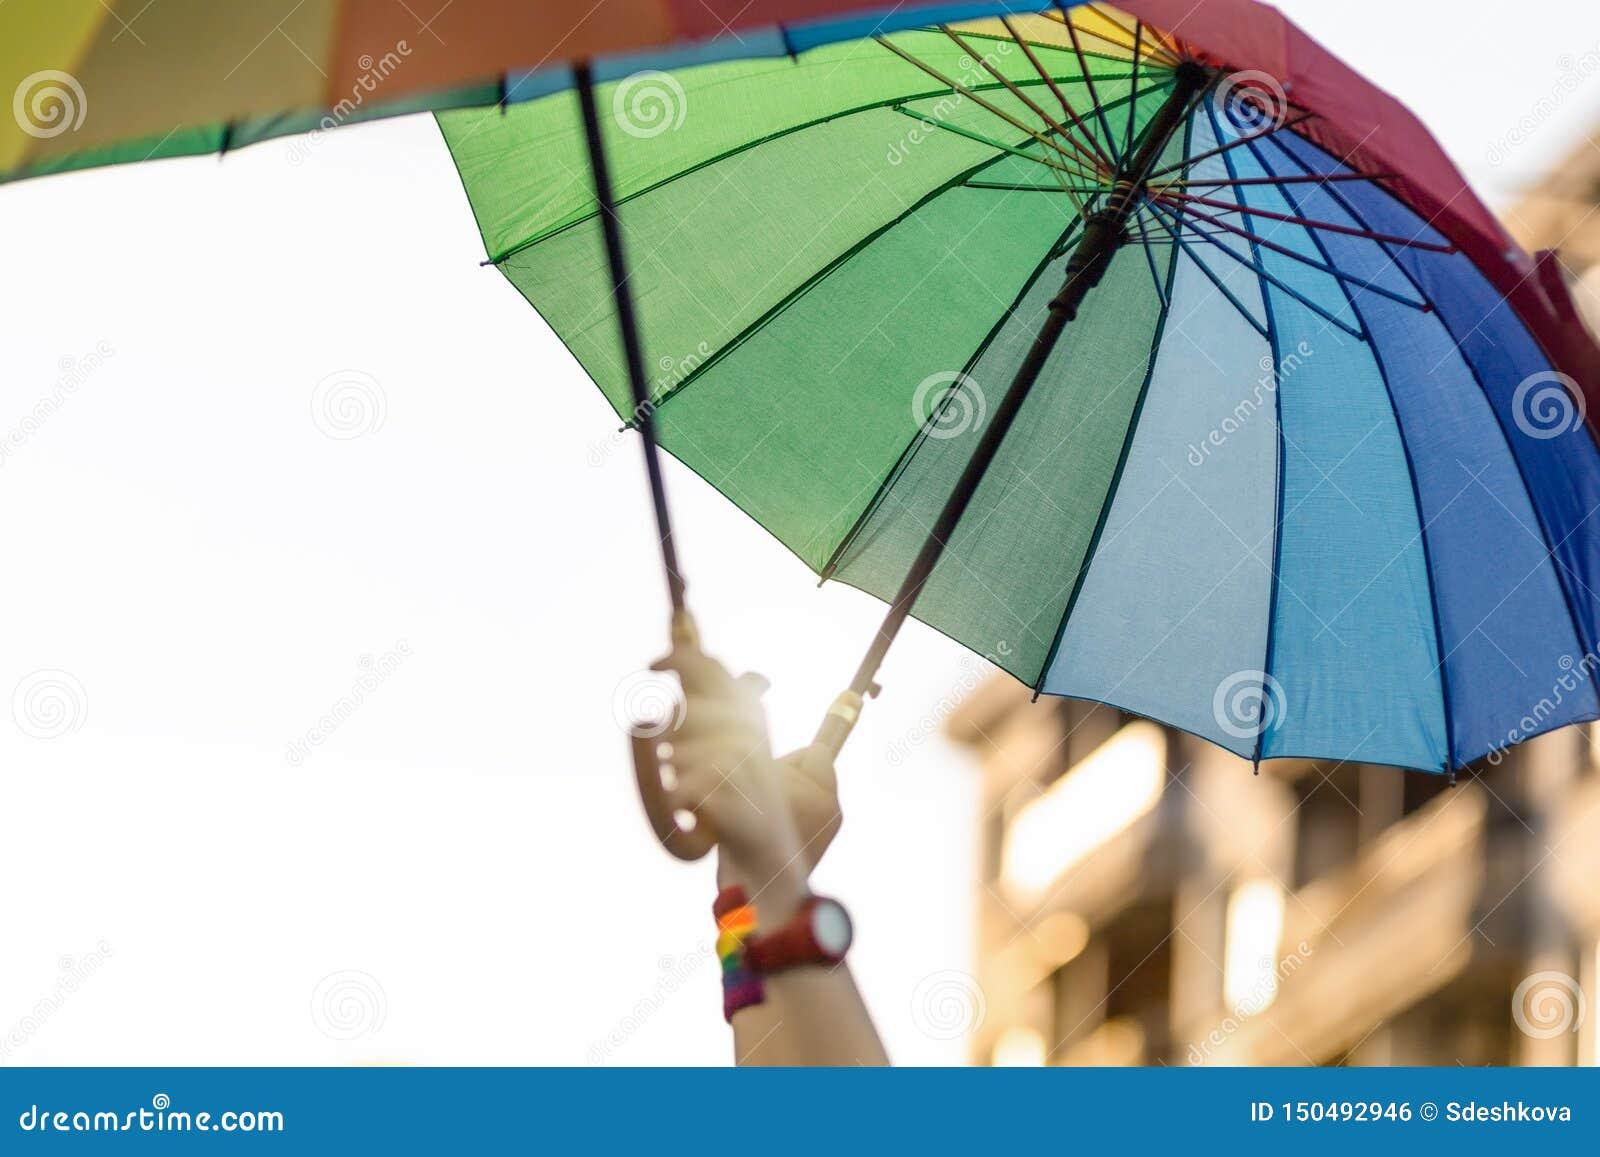 Αυξημένα χέρια με χρωματισμένες τις ουράνιο τόξο ομπρέλες